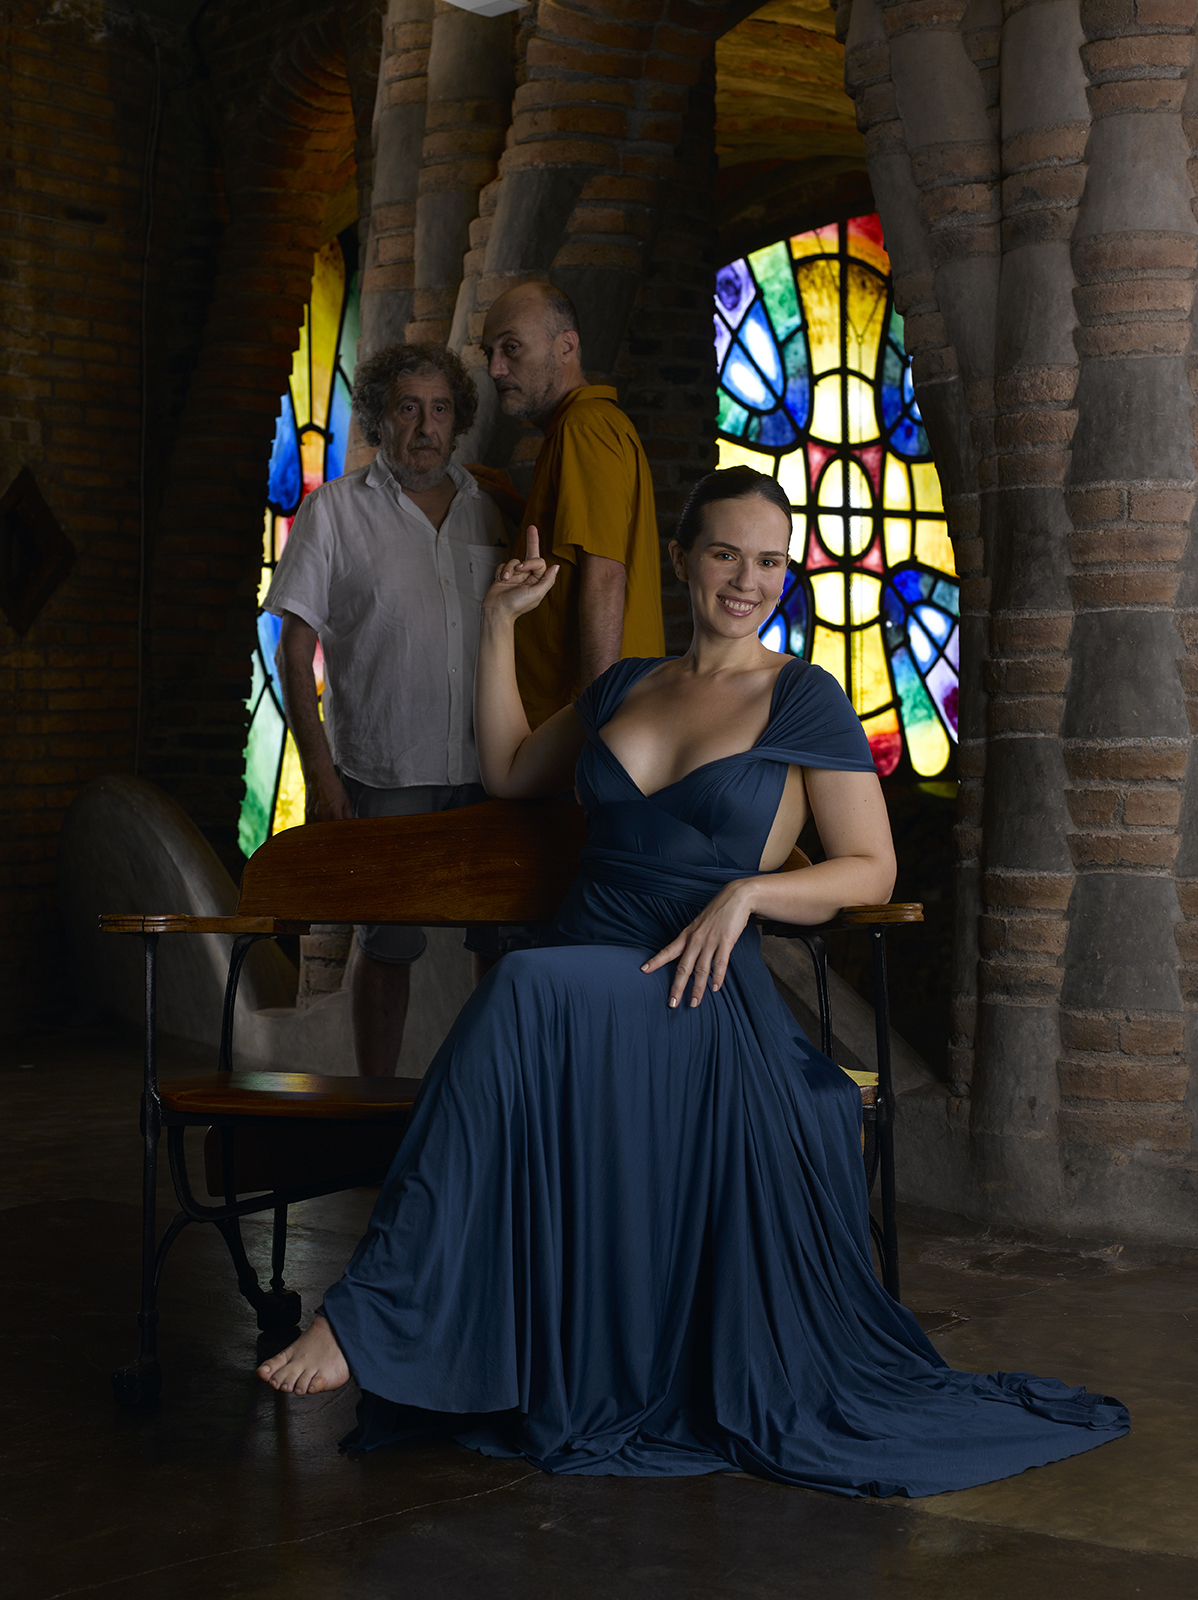 'Gaia y los viejos' es una reinterpretación del episodio bíblico 'Susana y los viejos'.